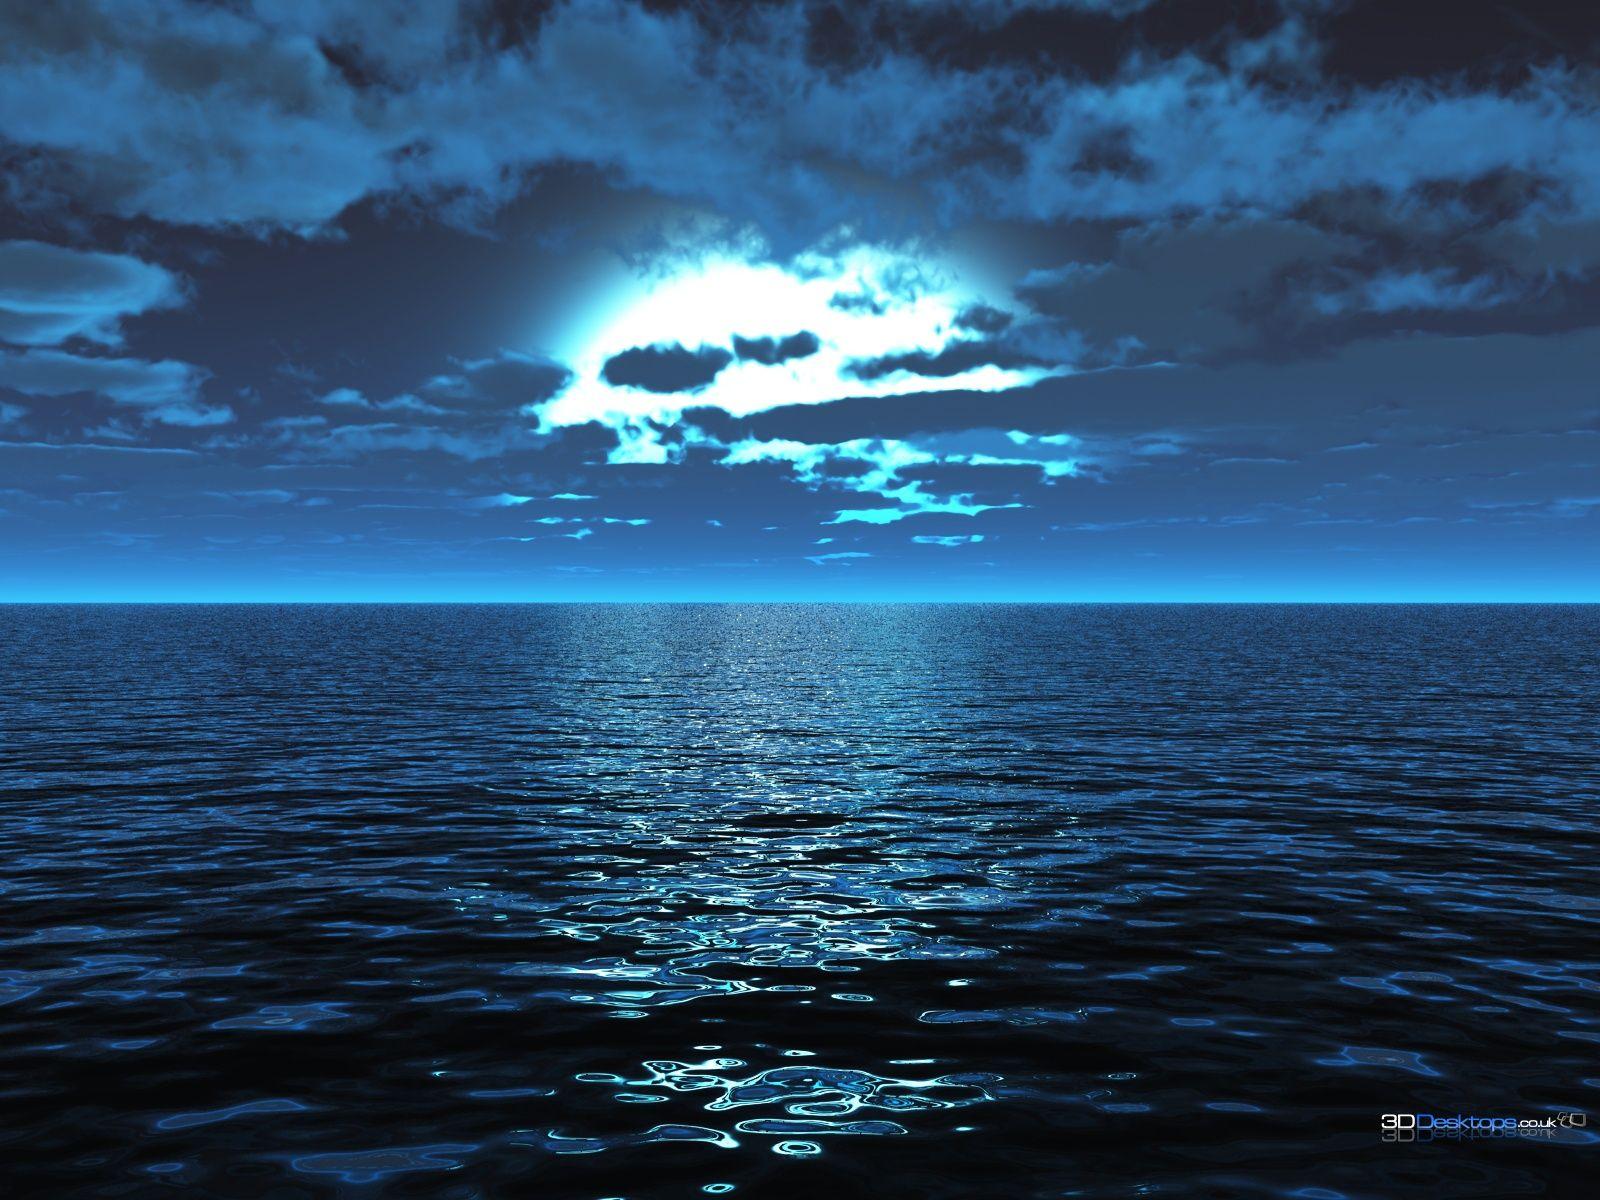 3d Wallpaper Sub Result 24 Ocean Wallpaper Ocean At Night Beach Wallpaper